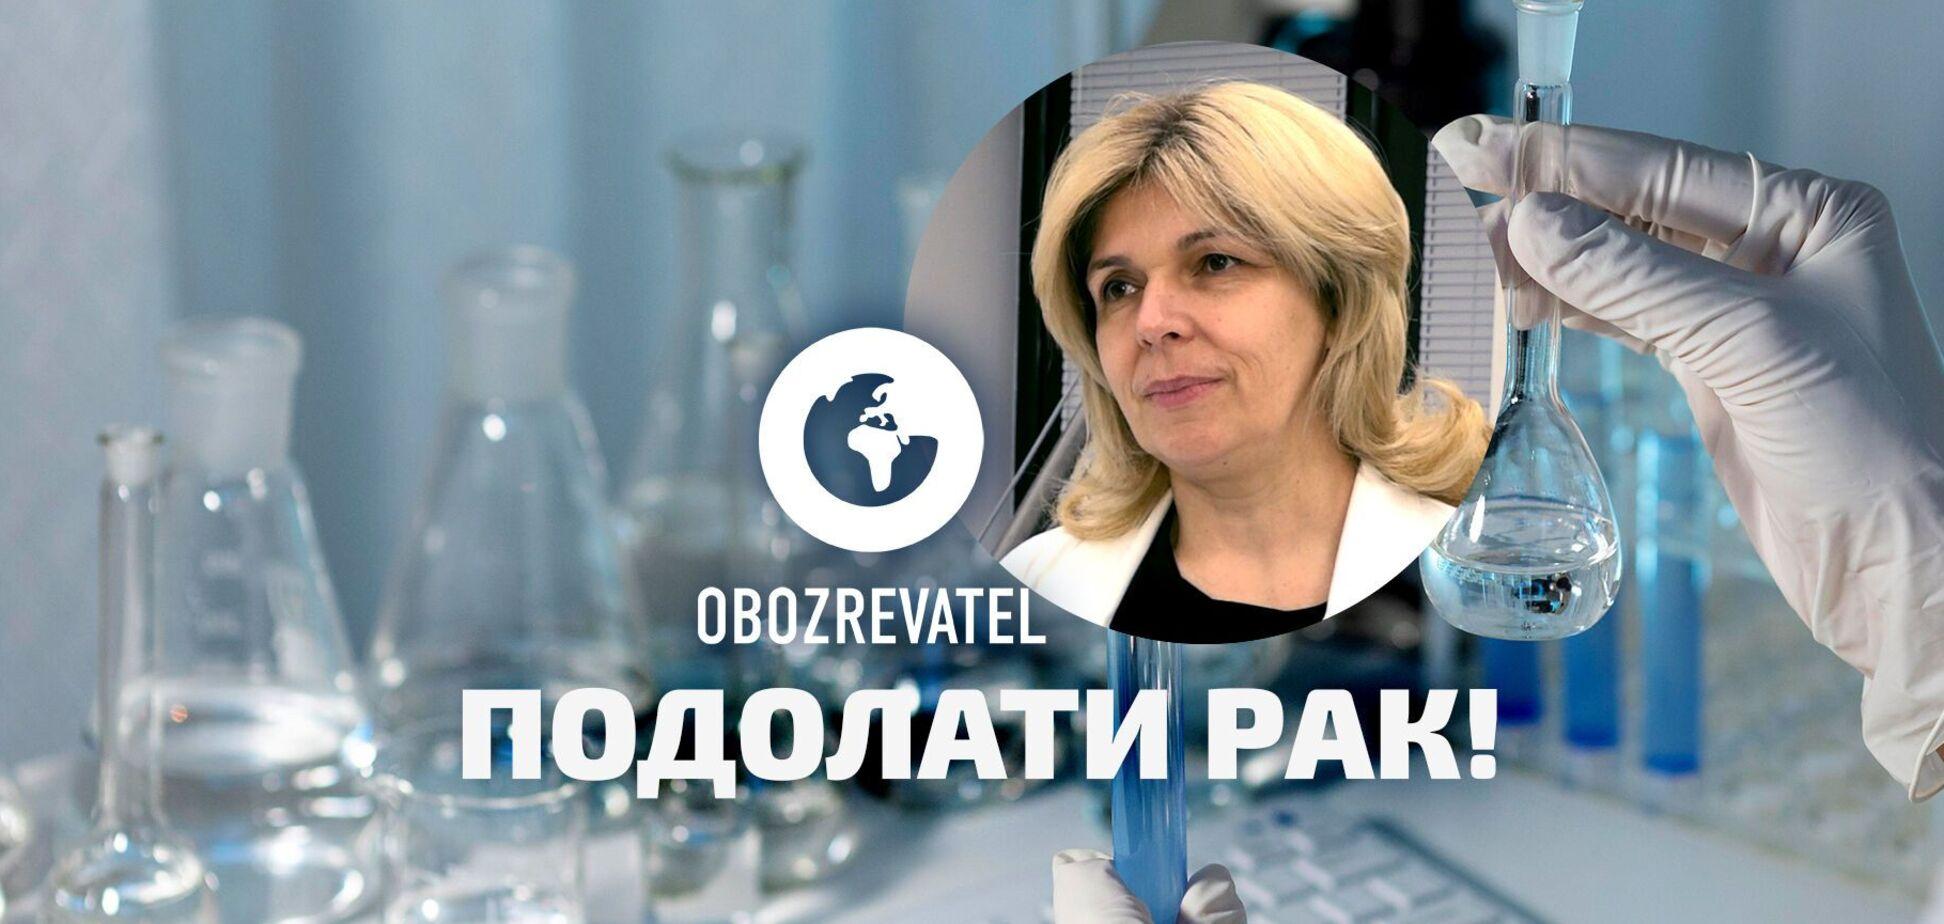 Побороть рак! В Украине появилась национальная стратегия борьбы с онкозаболеваниями